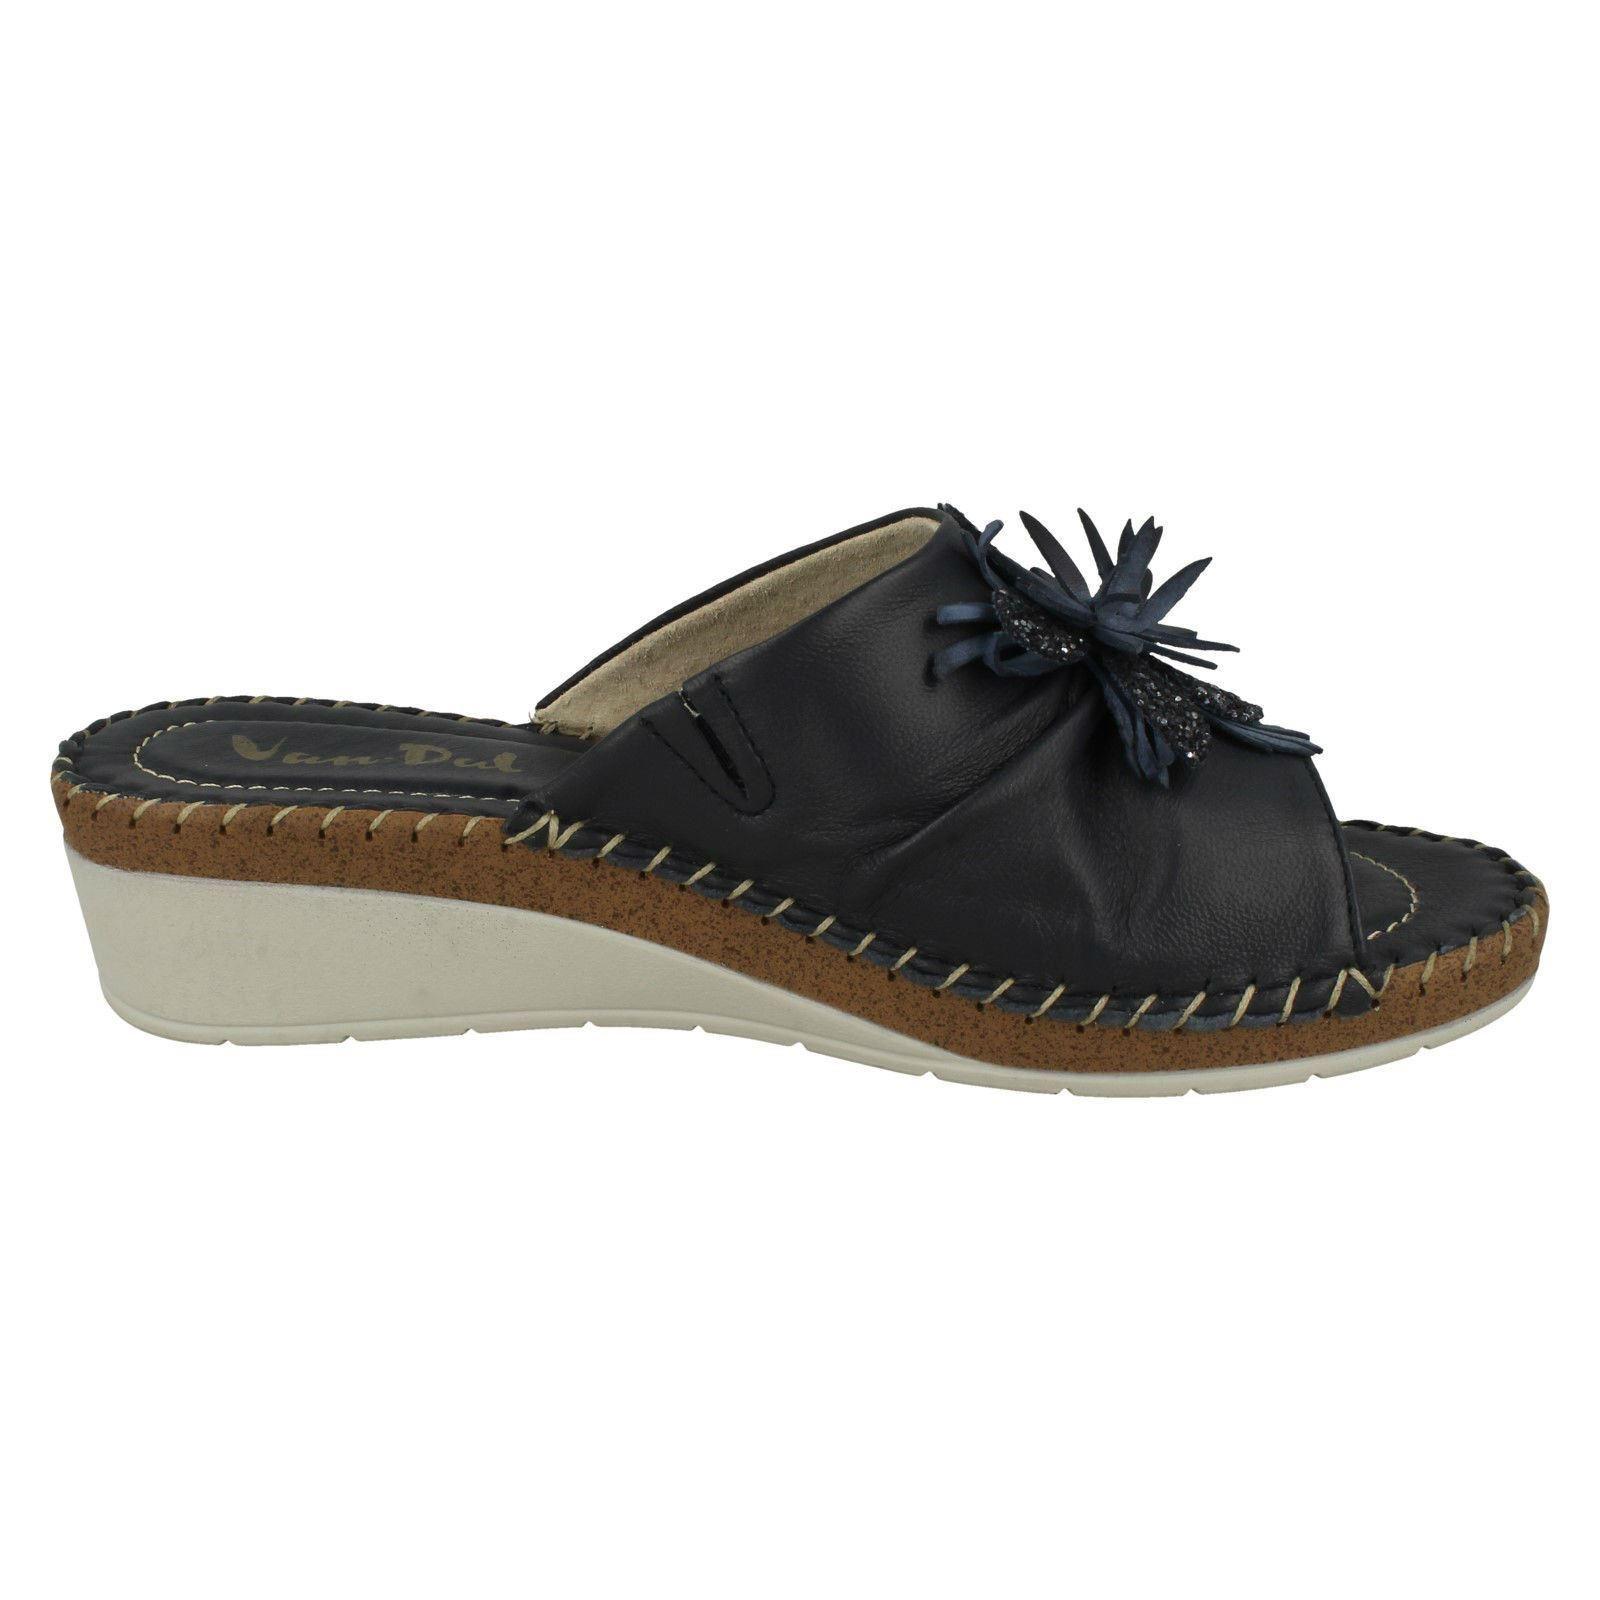 Ladies-Van-Dal-Wedge-Heel-Mule-Sandals-039-Banks-039 thumbnail 19